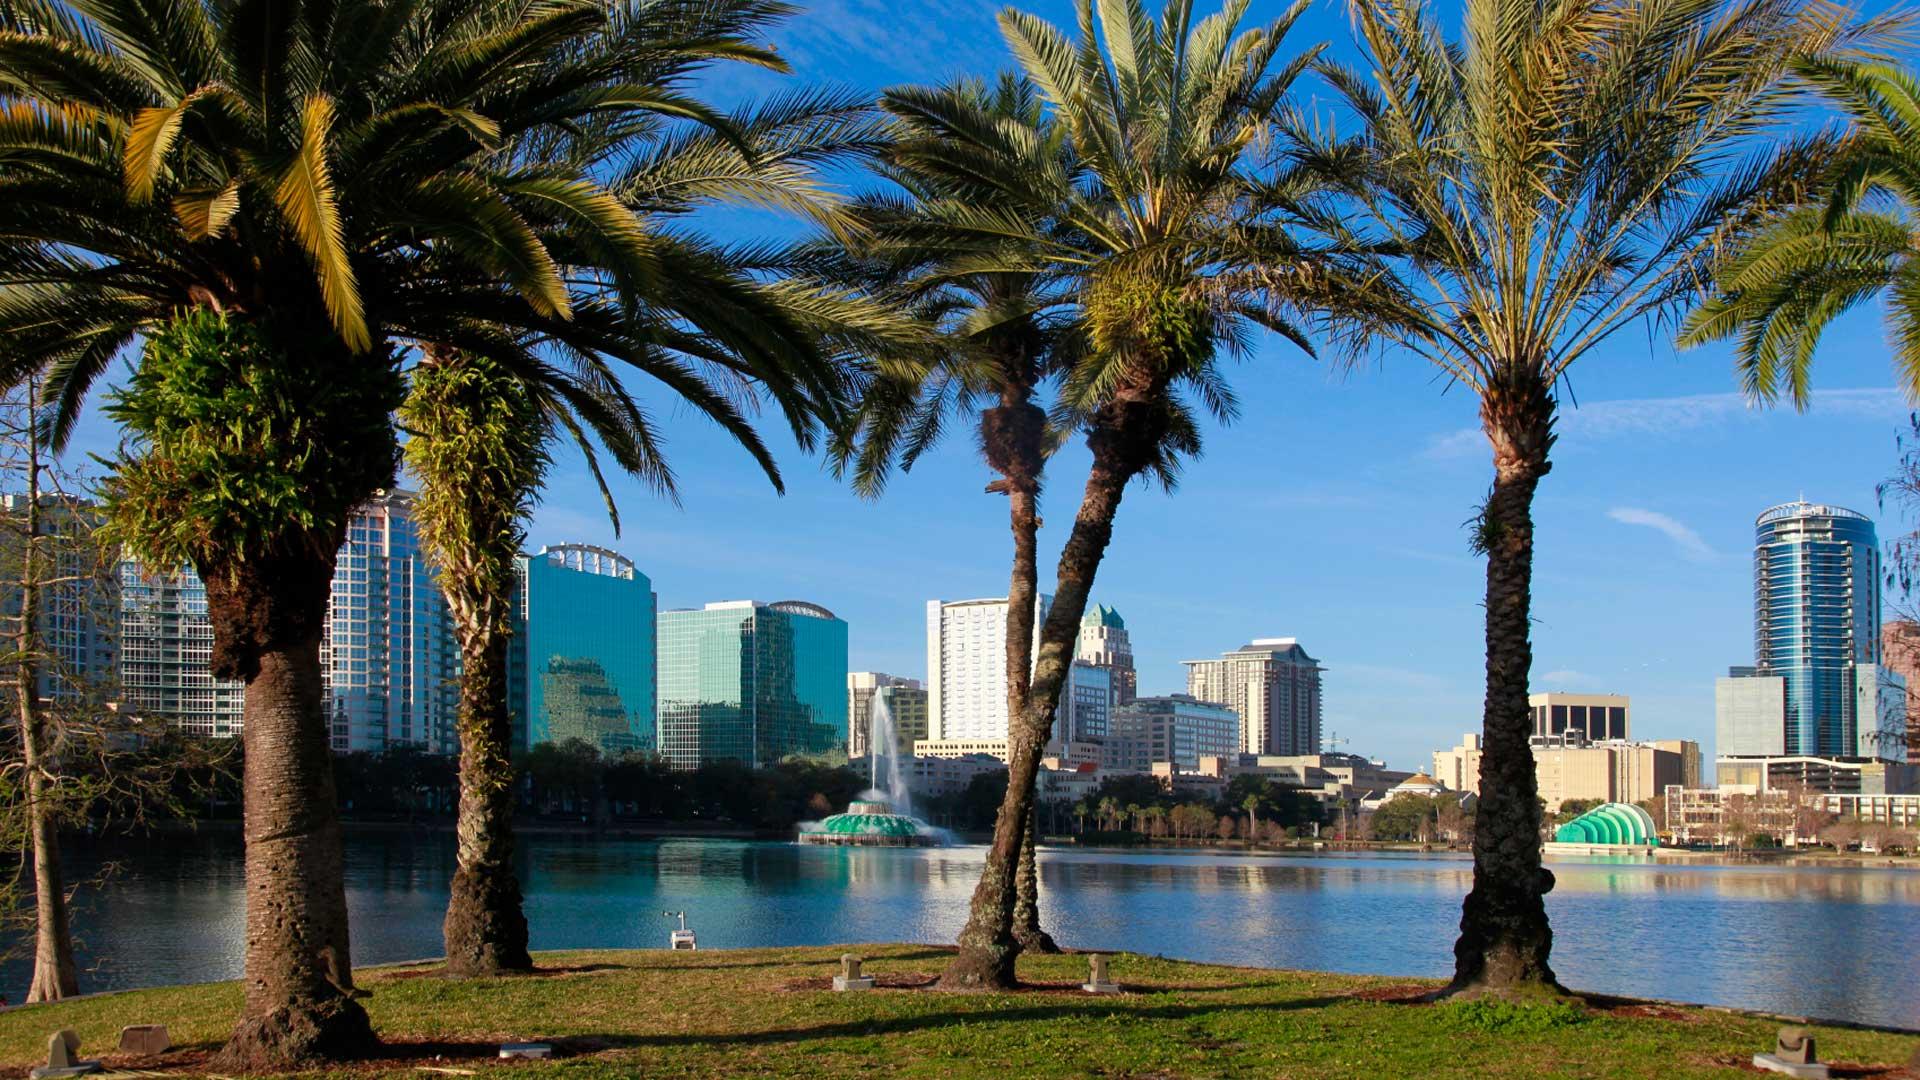 Tournée de la Floride